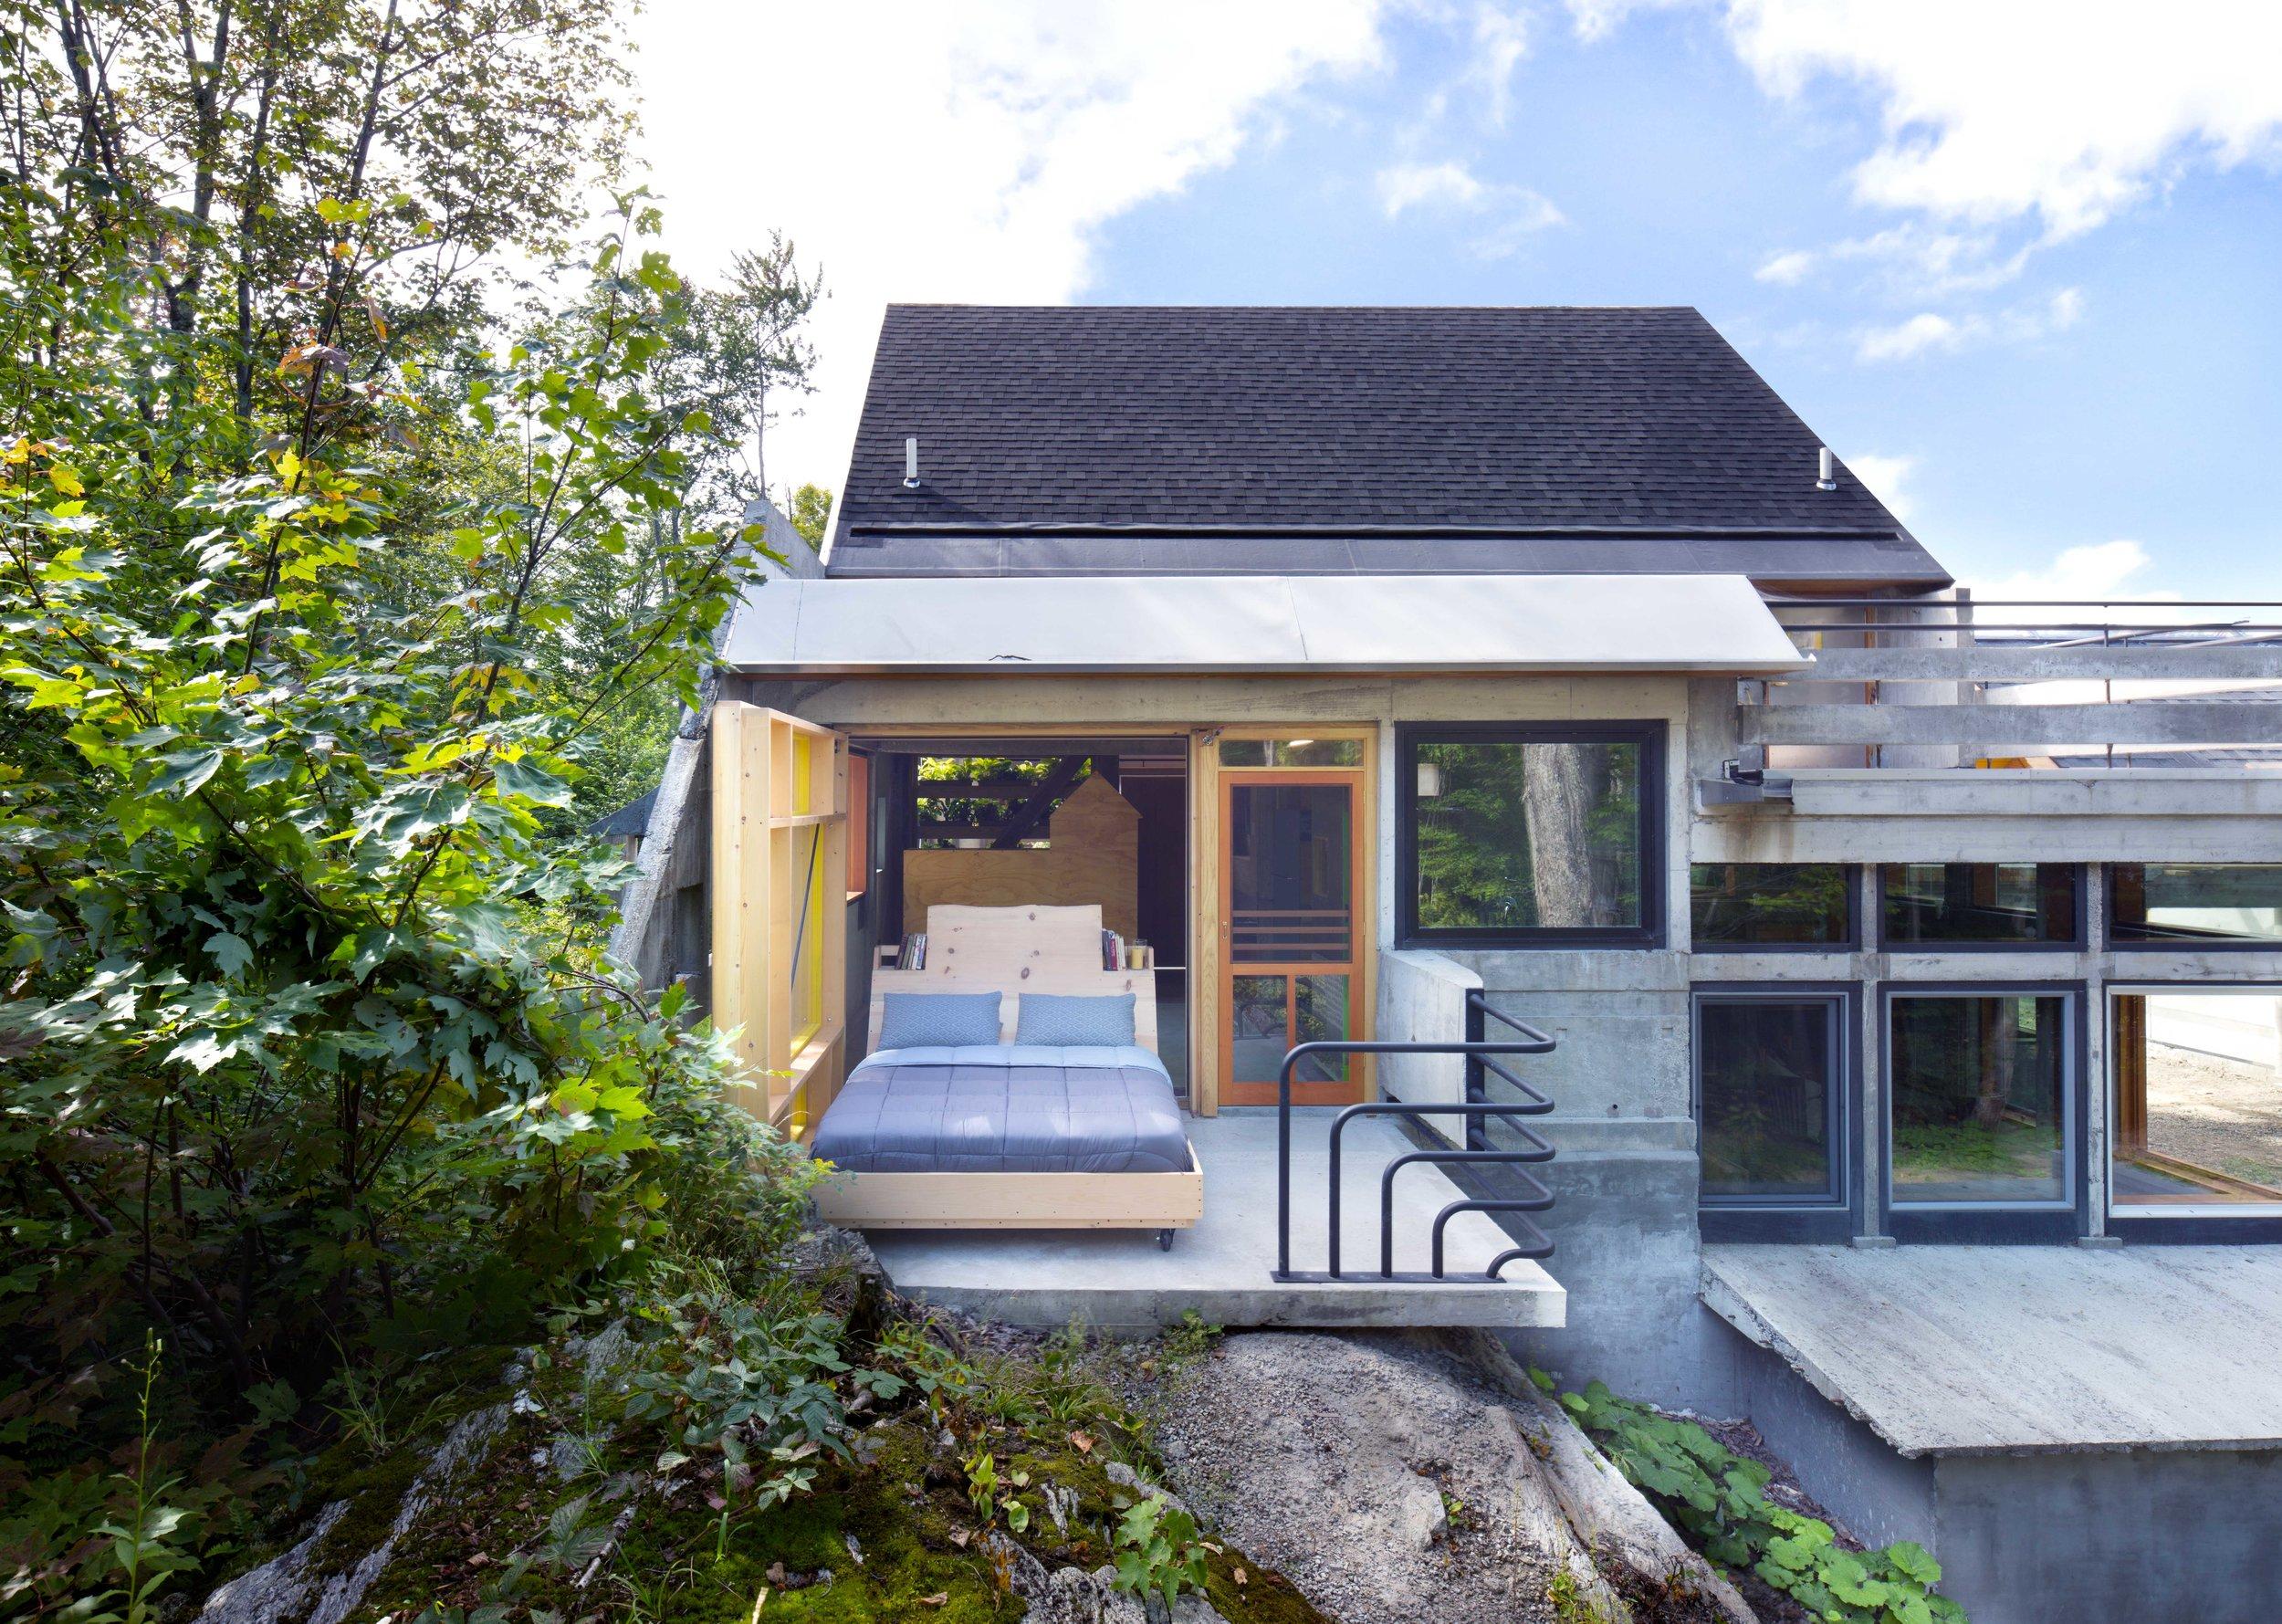 Home-Run-House-6833-Master-Bedroom.jpg